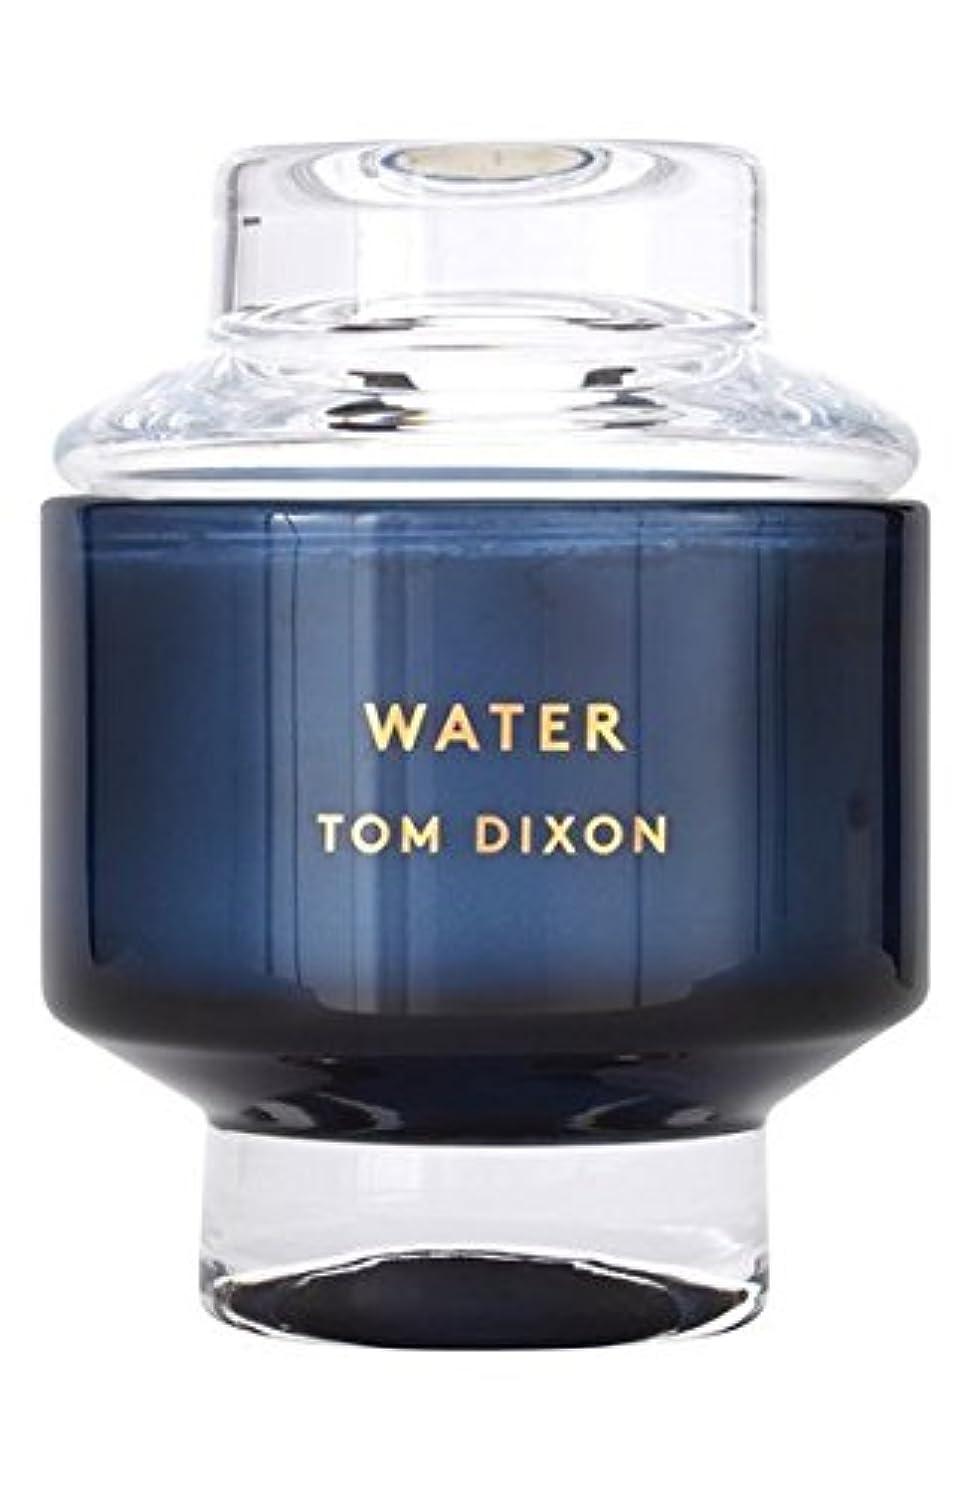 テニスガード吹きさらしTom Dixon 'Water' Candle (トム ディクソン 'ウオーター' キャンドル中)Midium